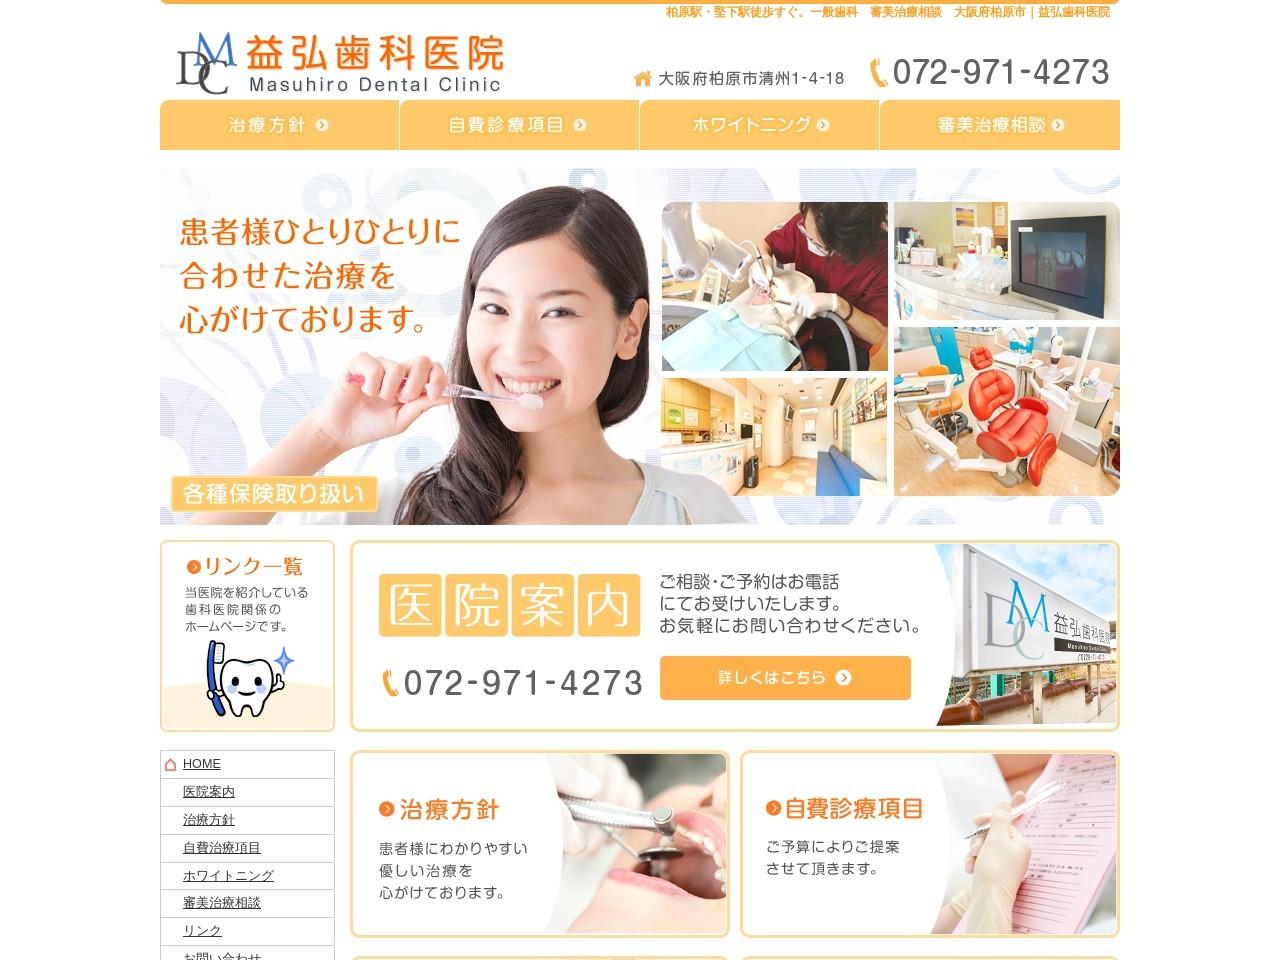 益弘歯科医院 (大阪府柏原市)